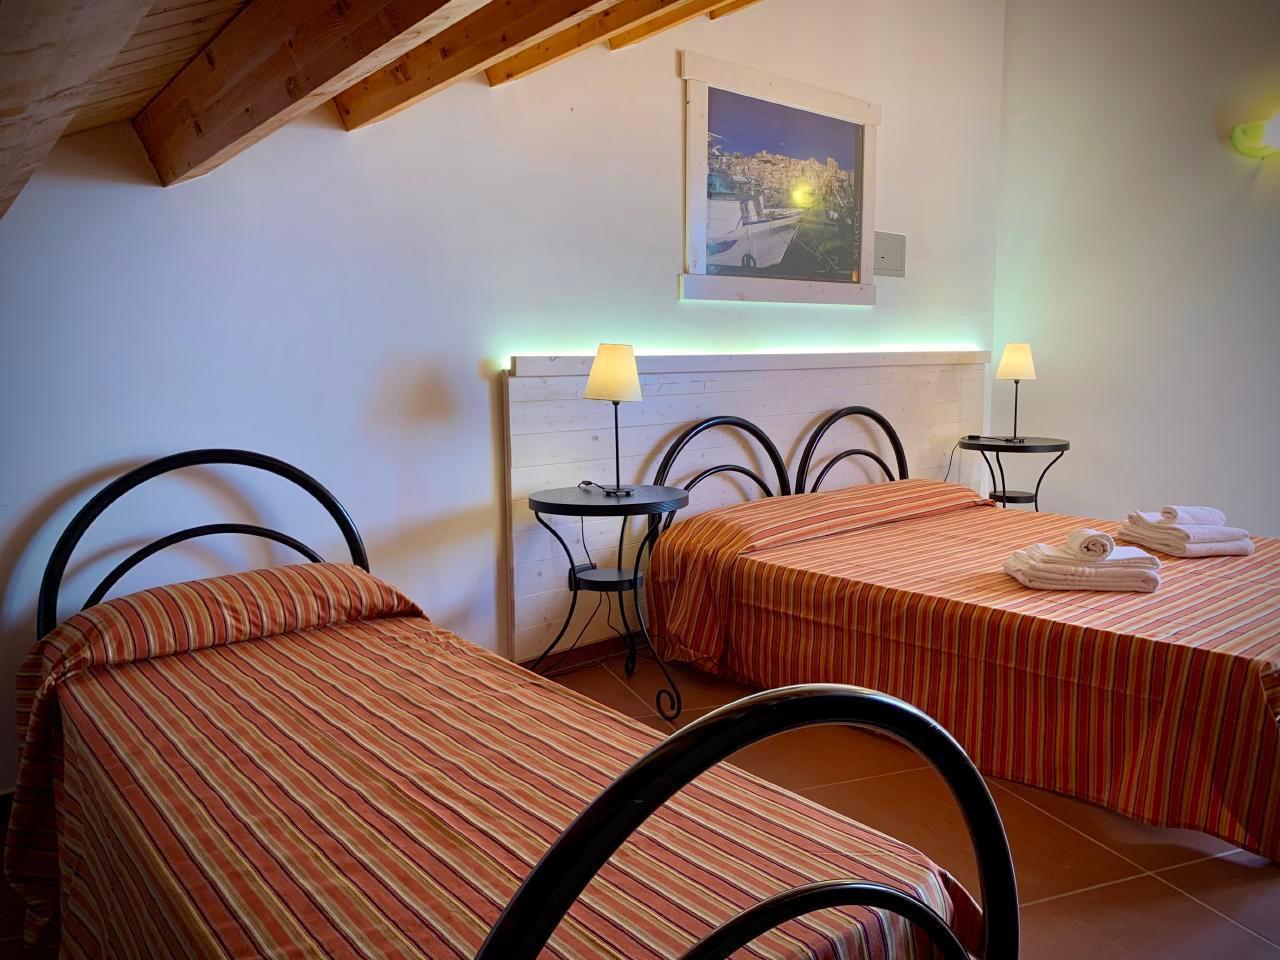 Ferienhaus Ferienwohnungen (405224), Sciacca, Agrigento, Sizilien, Italien, Bild 10